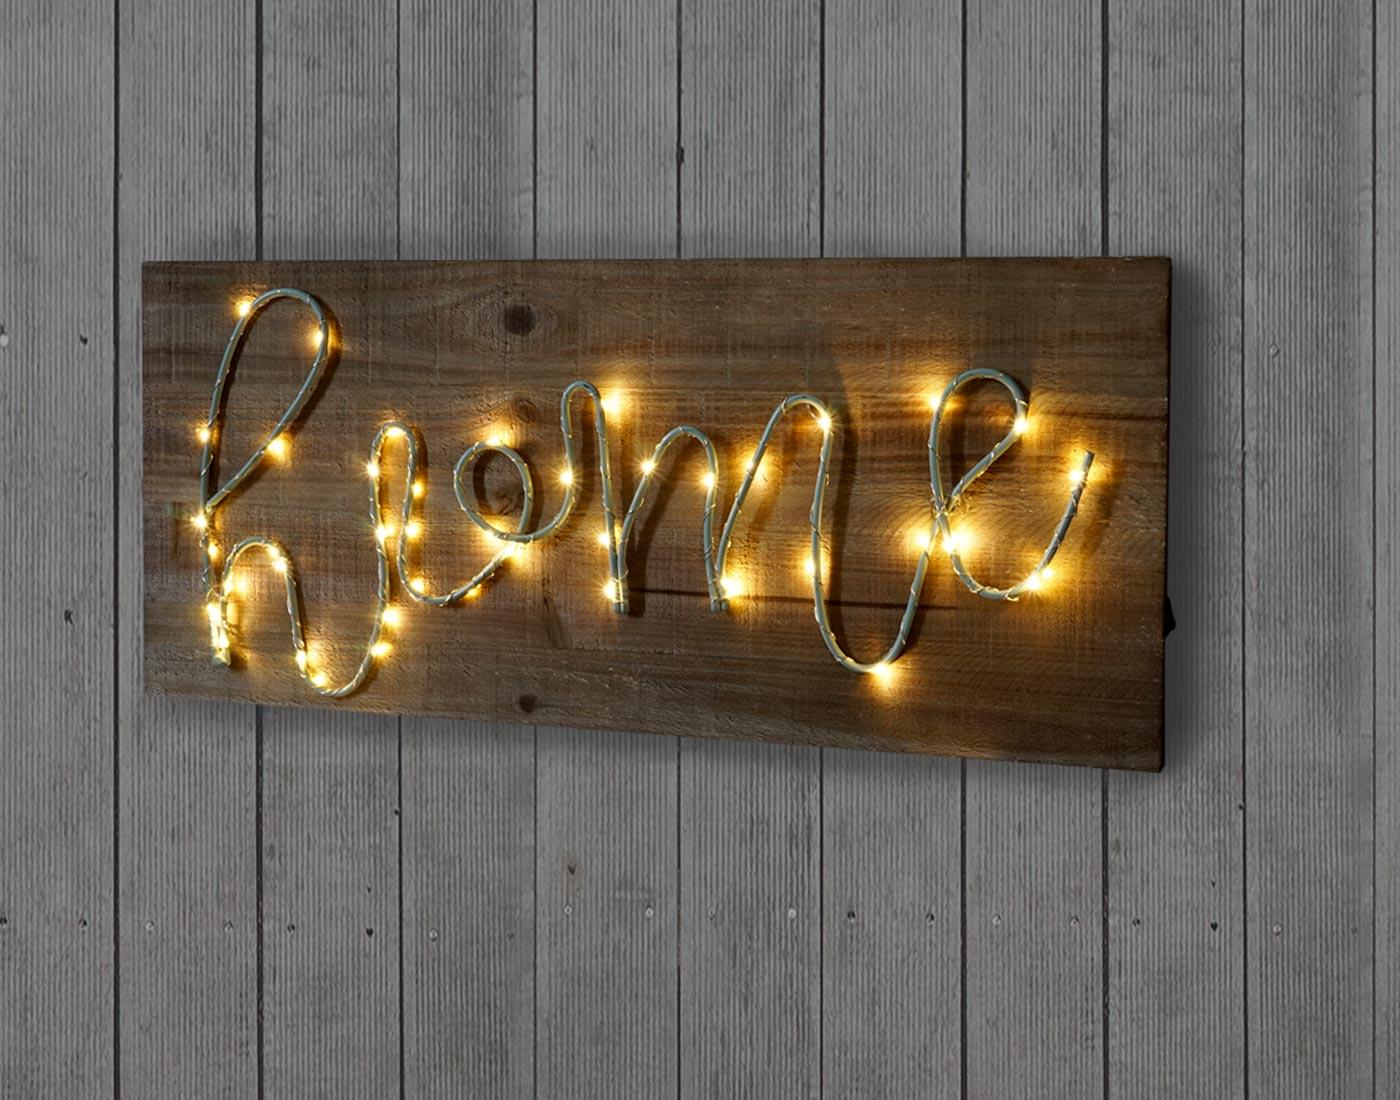 Targa cartello decorativo in legno con scritta led for Targhe decorative in legno